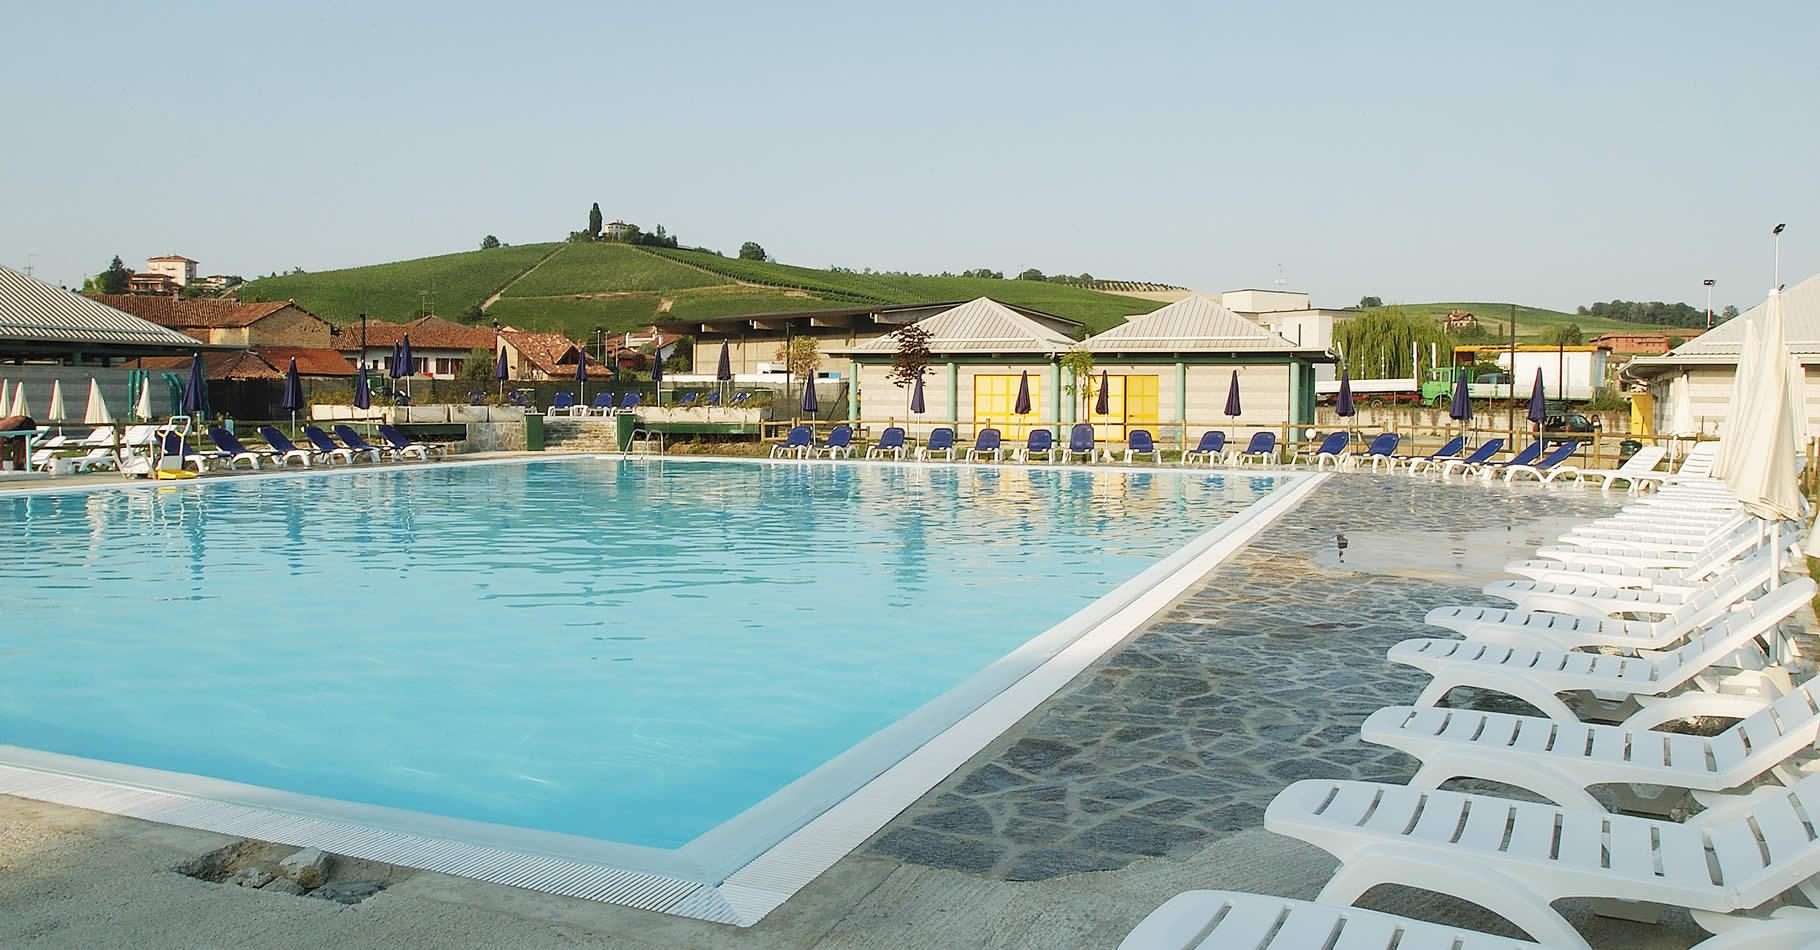 Vendita Piscine A Catania progettazione e costruzione piscine pubbliche